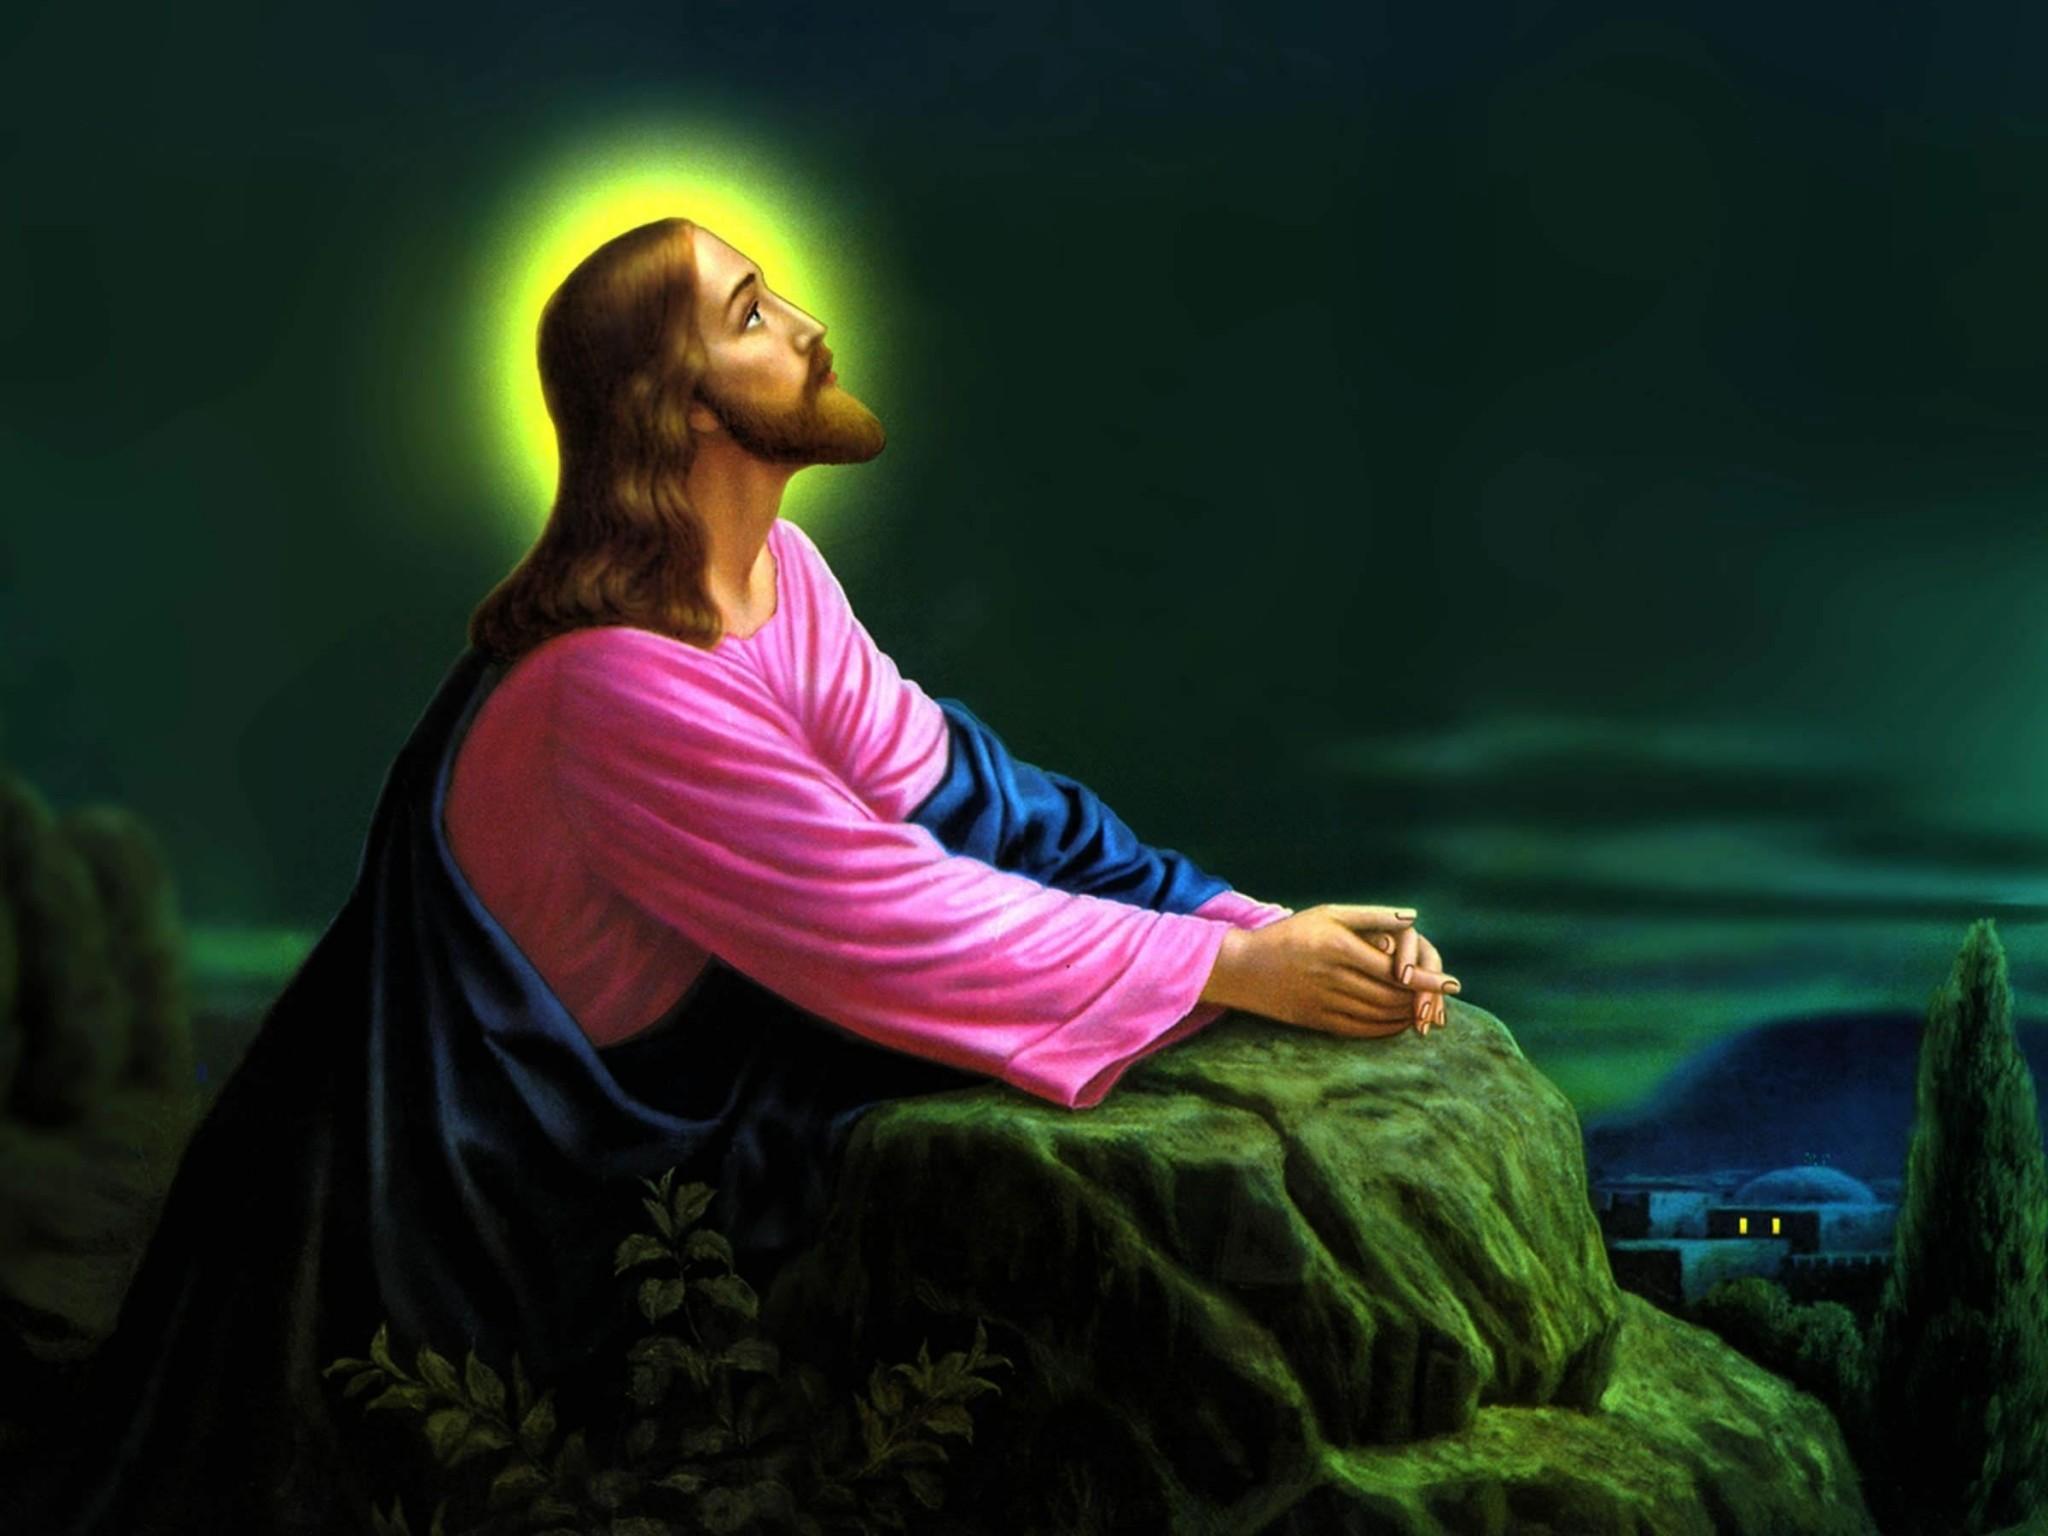 Jesus desktop wallpaper wallpapertag - Wallpaper de jesus ...